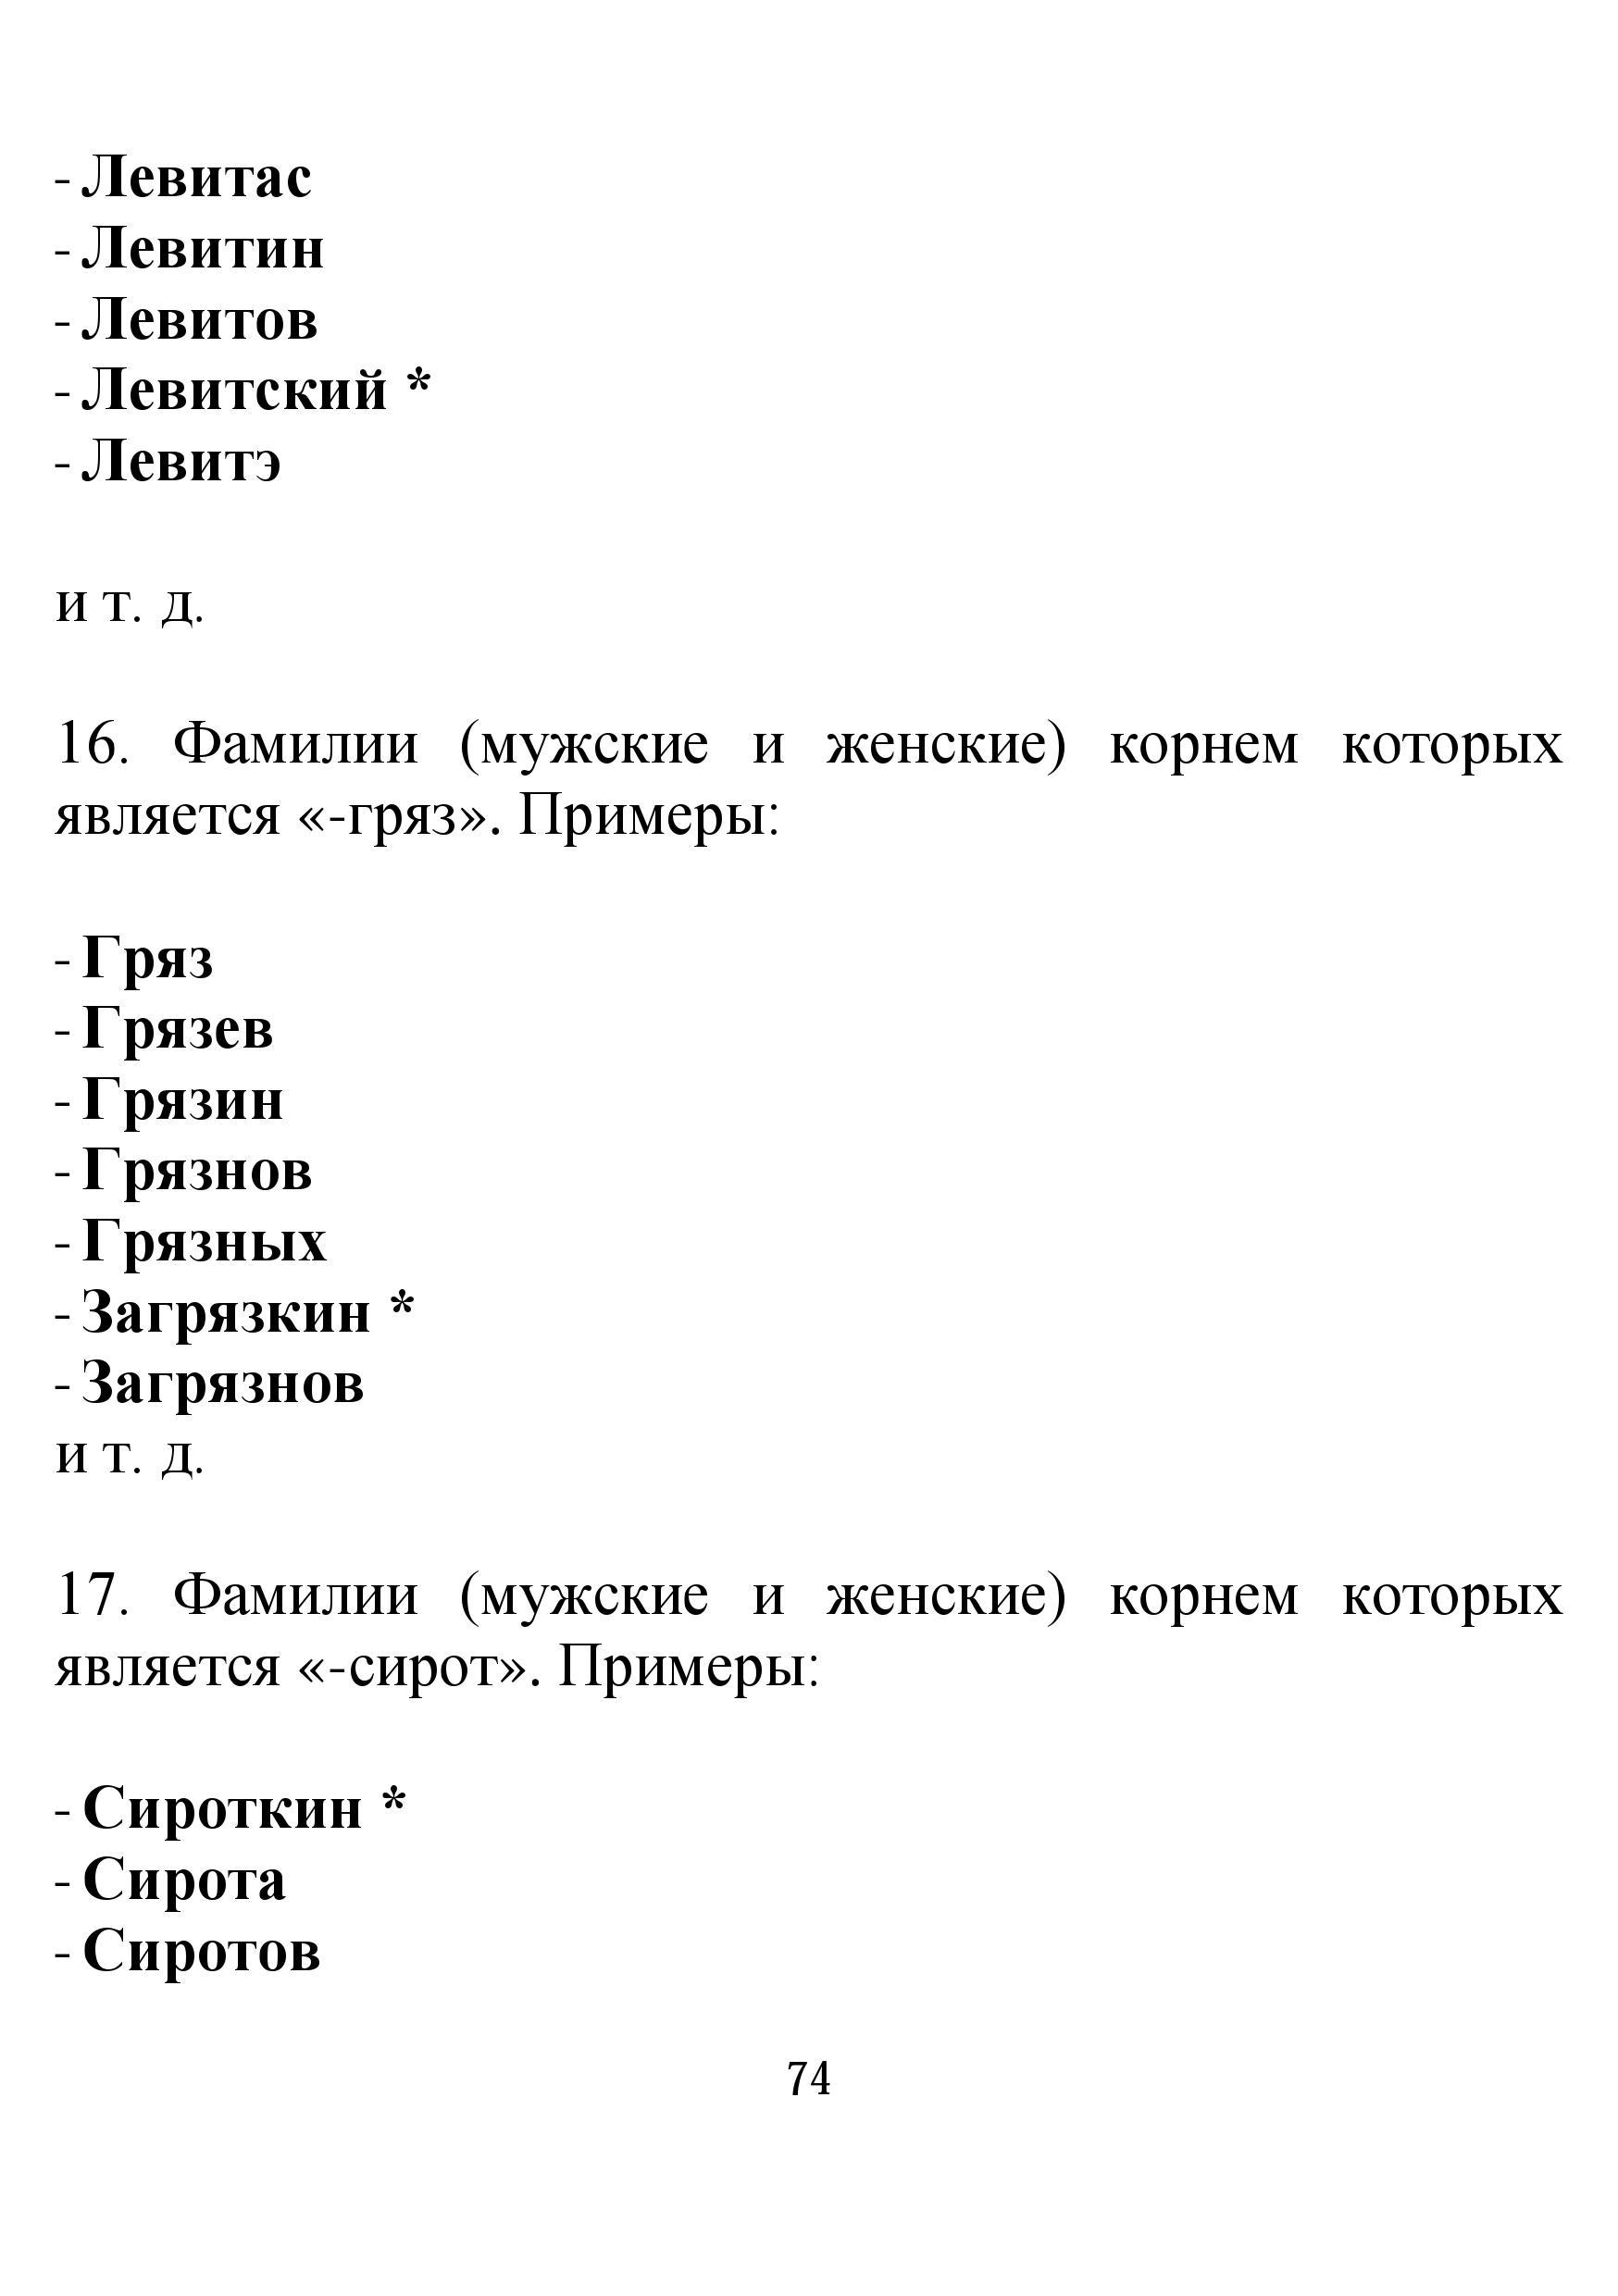 http://sf.uploads.ru/OvsTV.jpg